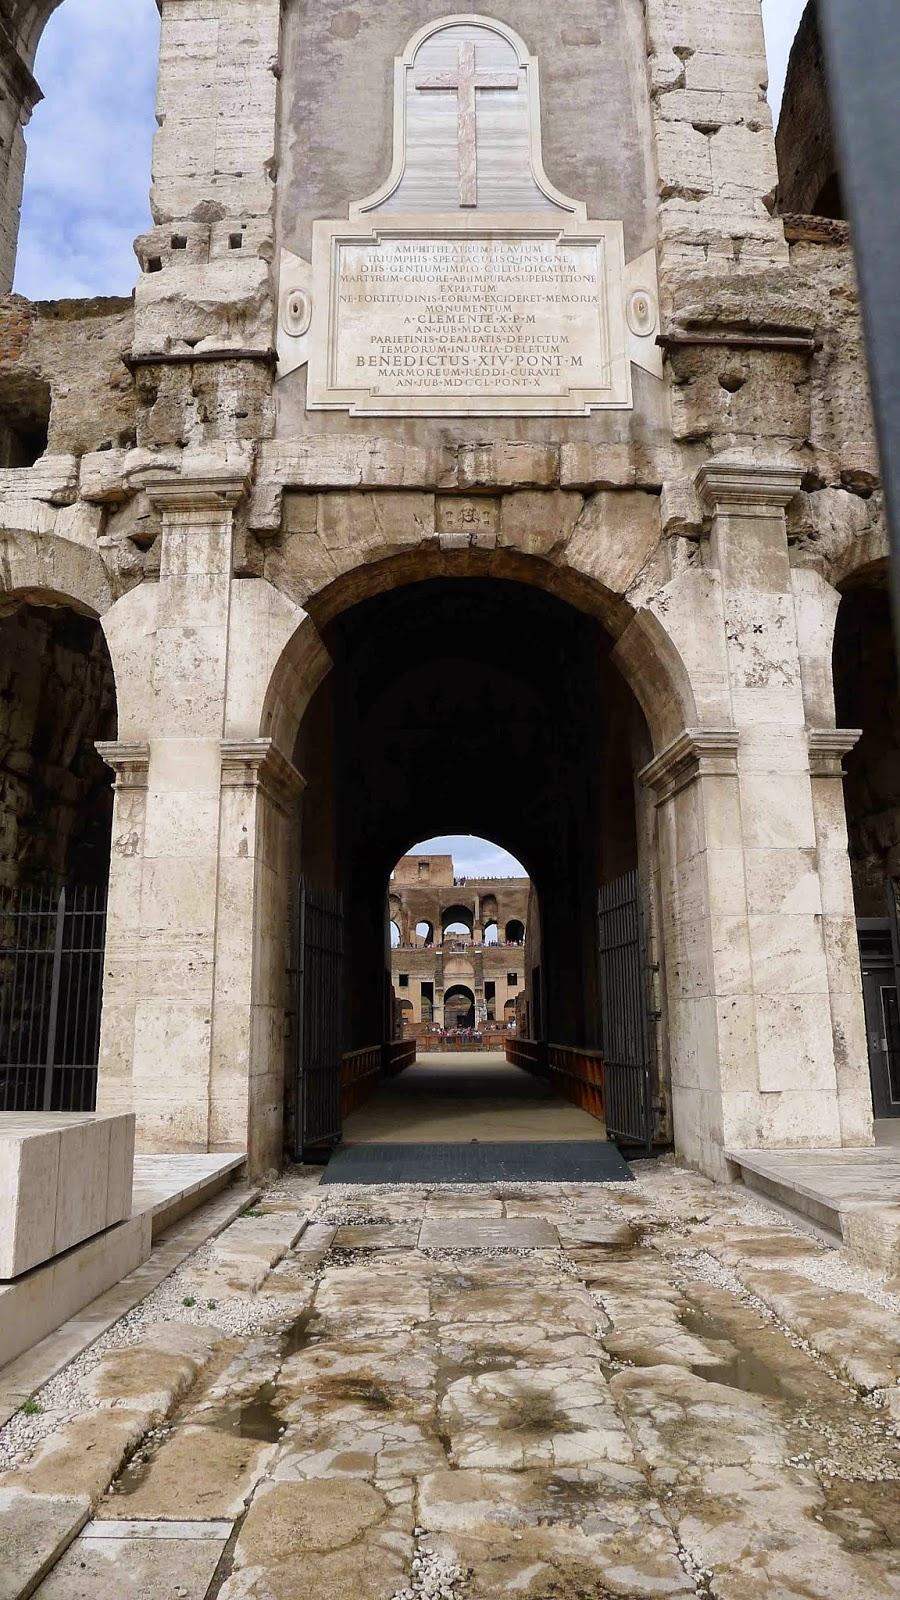 Rome Colosseum Gate